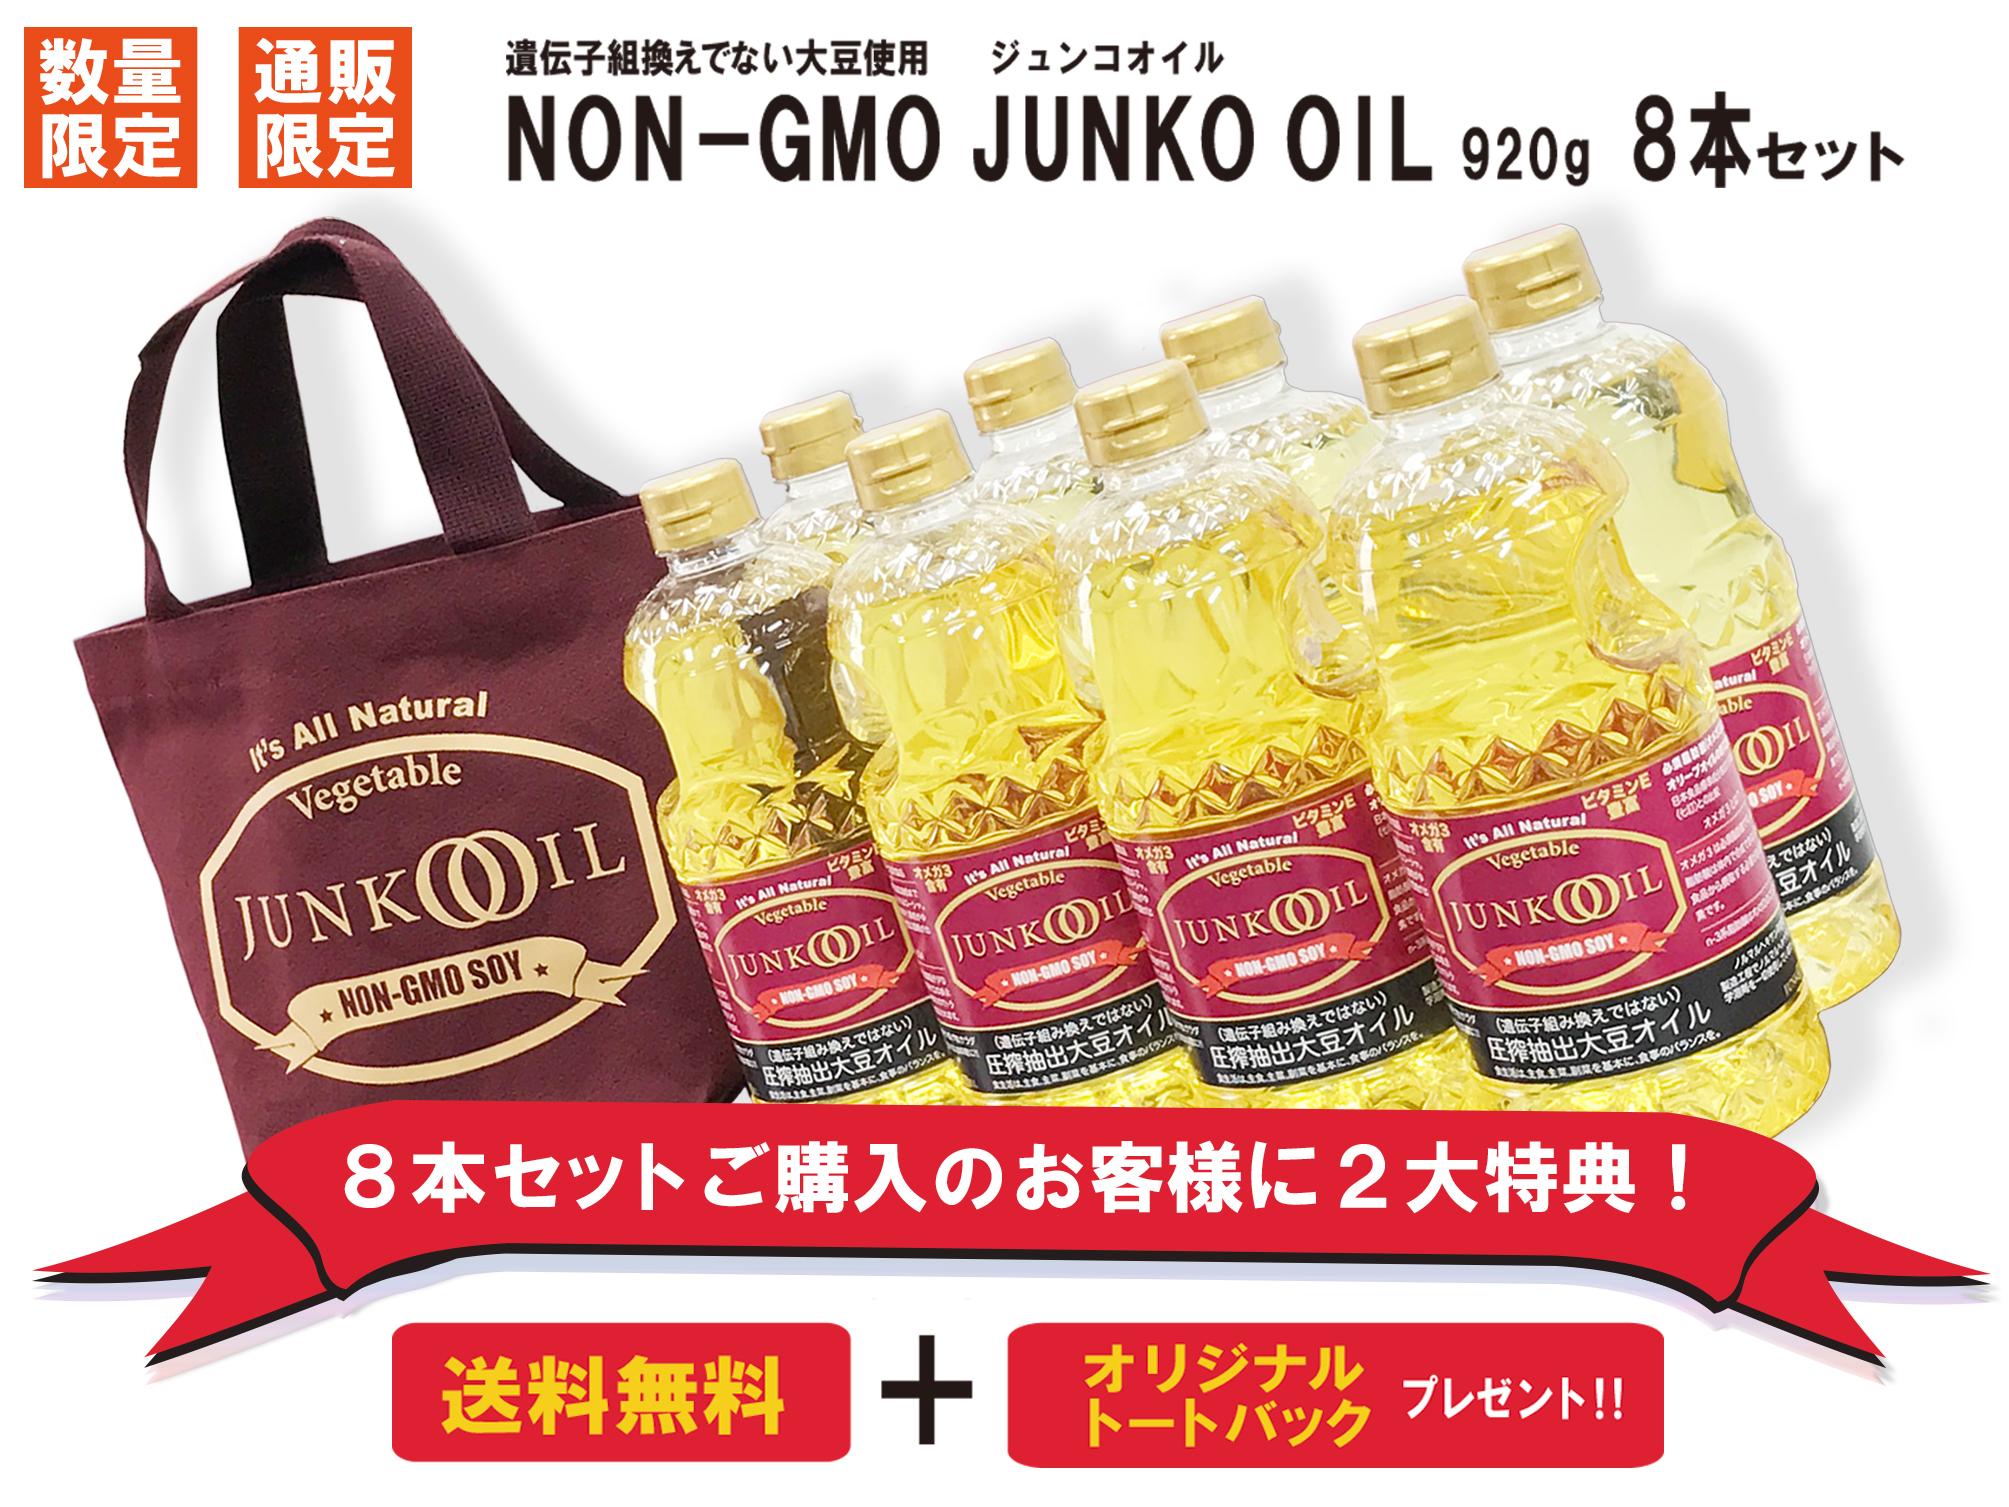 数量限定8本セット NON-GMOベジタブルJUNKOOIL920g×8本送料無料+オリジナルトートバック